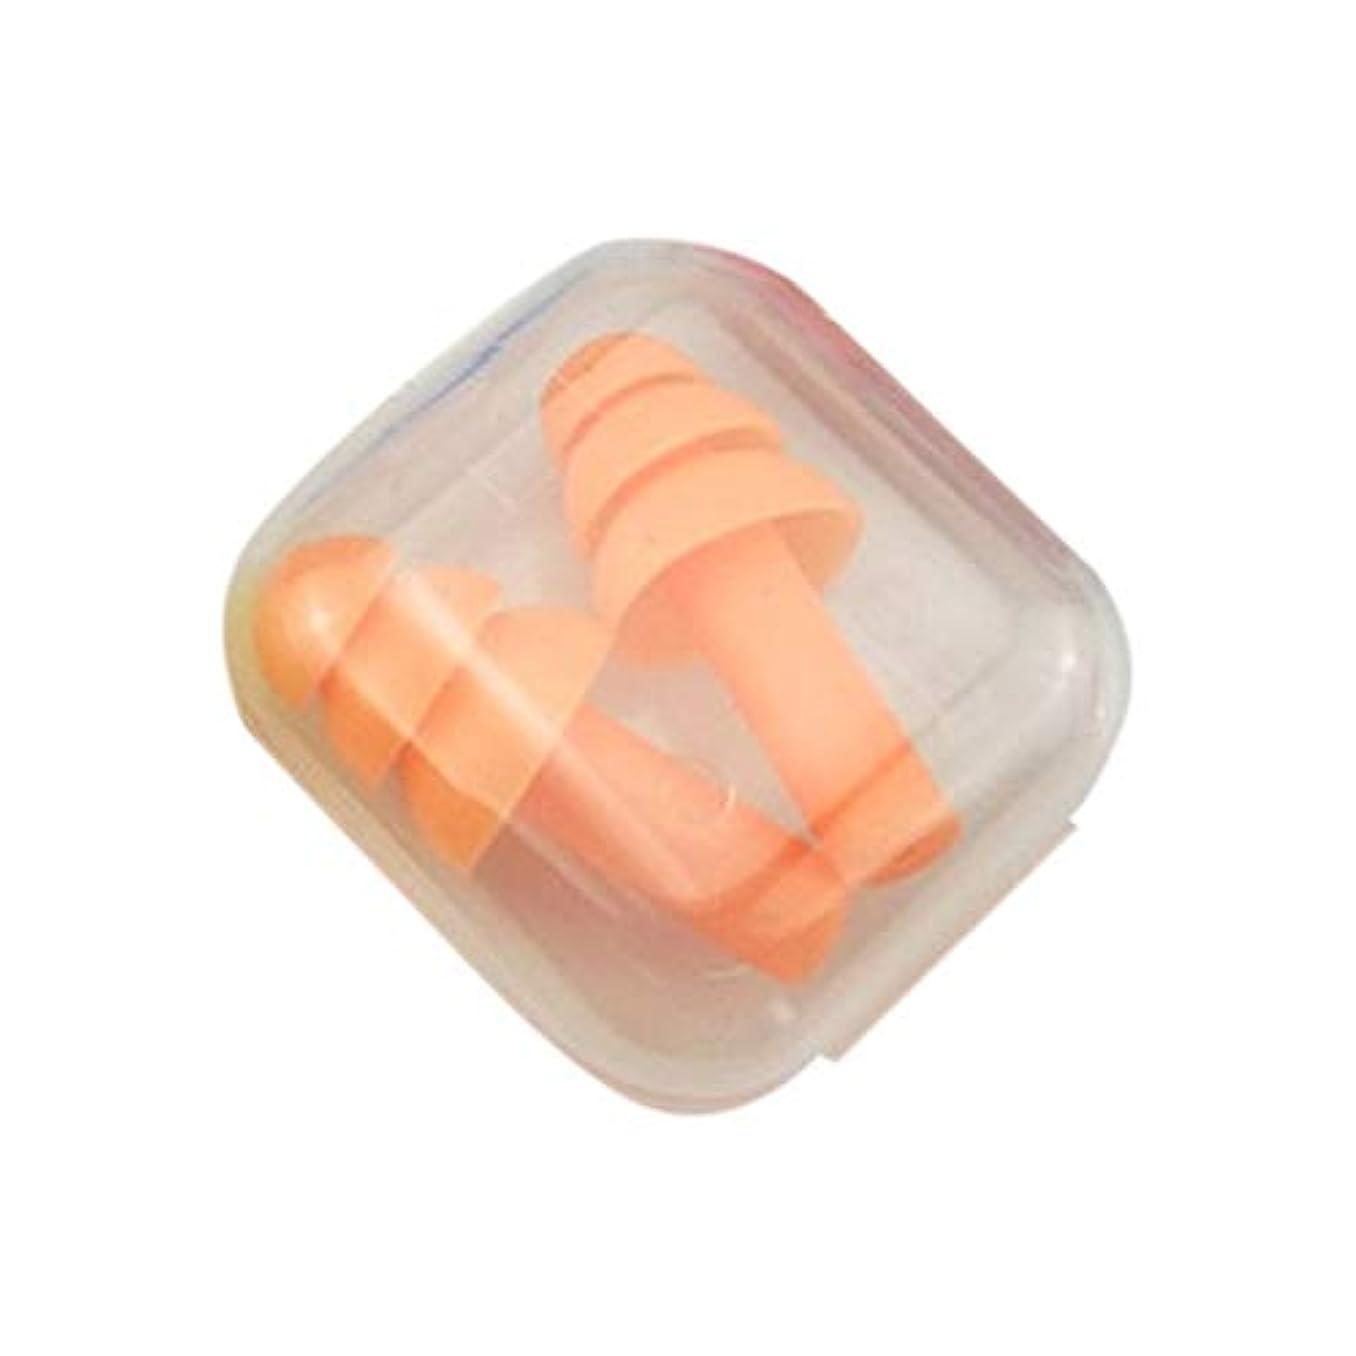 暴行参照スティック柔らかいシリコーンの耳栓遮音用耳の保護用の耳栓防音睡眠ボックス付き収納ボックス - オレンジ